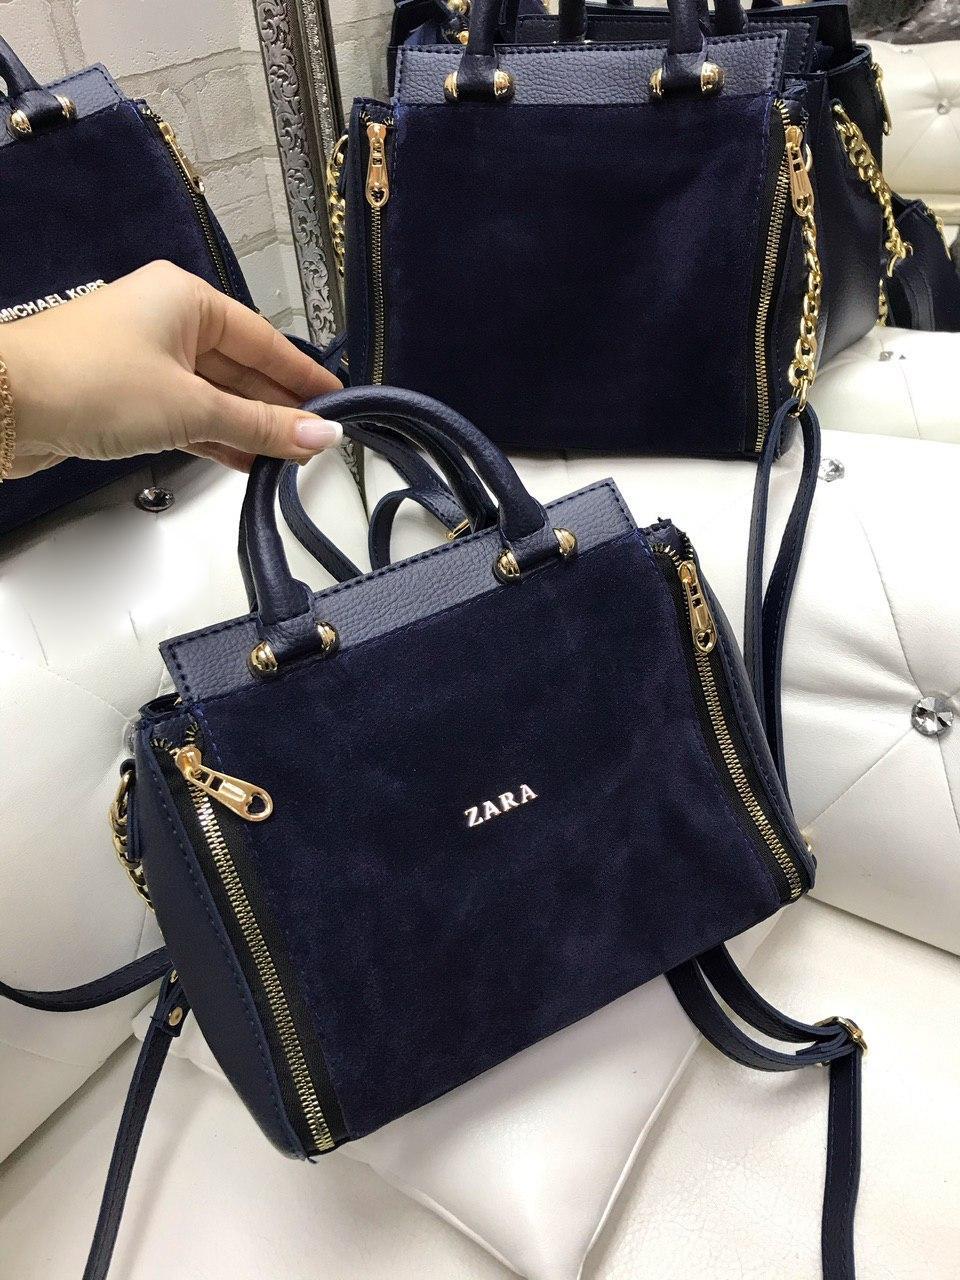 Синяя замшевая женская сумка средняя сумочка классическая деловая небольшая натуральная замша+кожзам